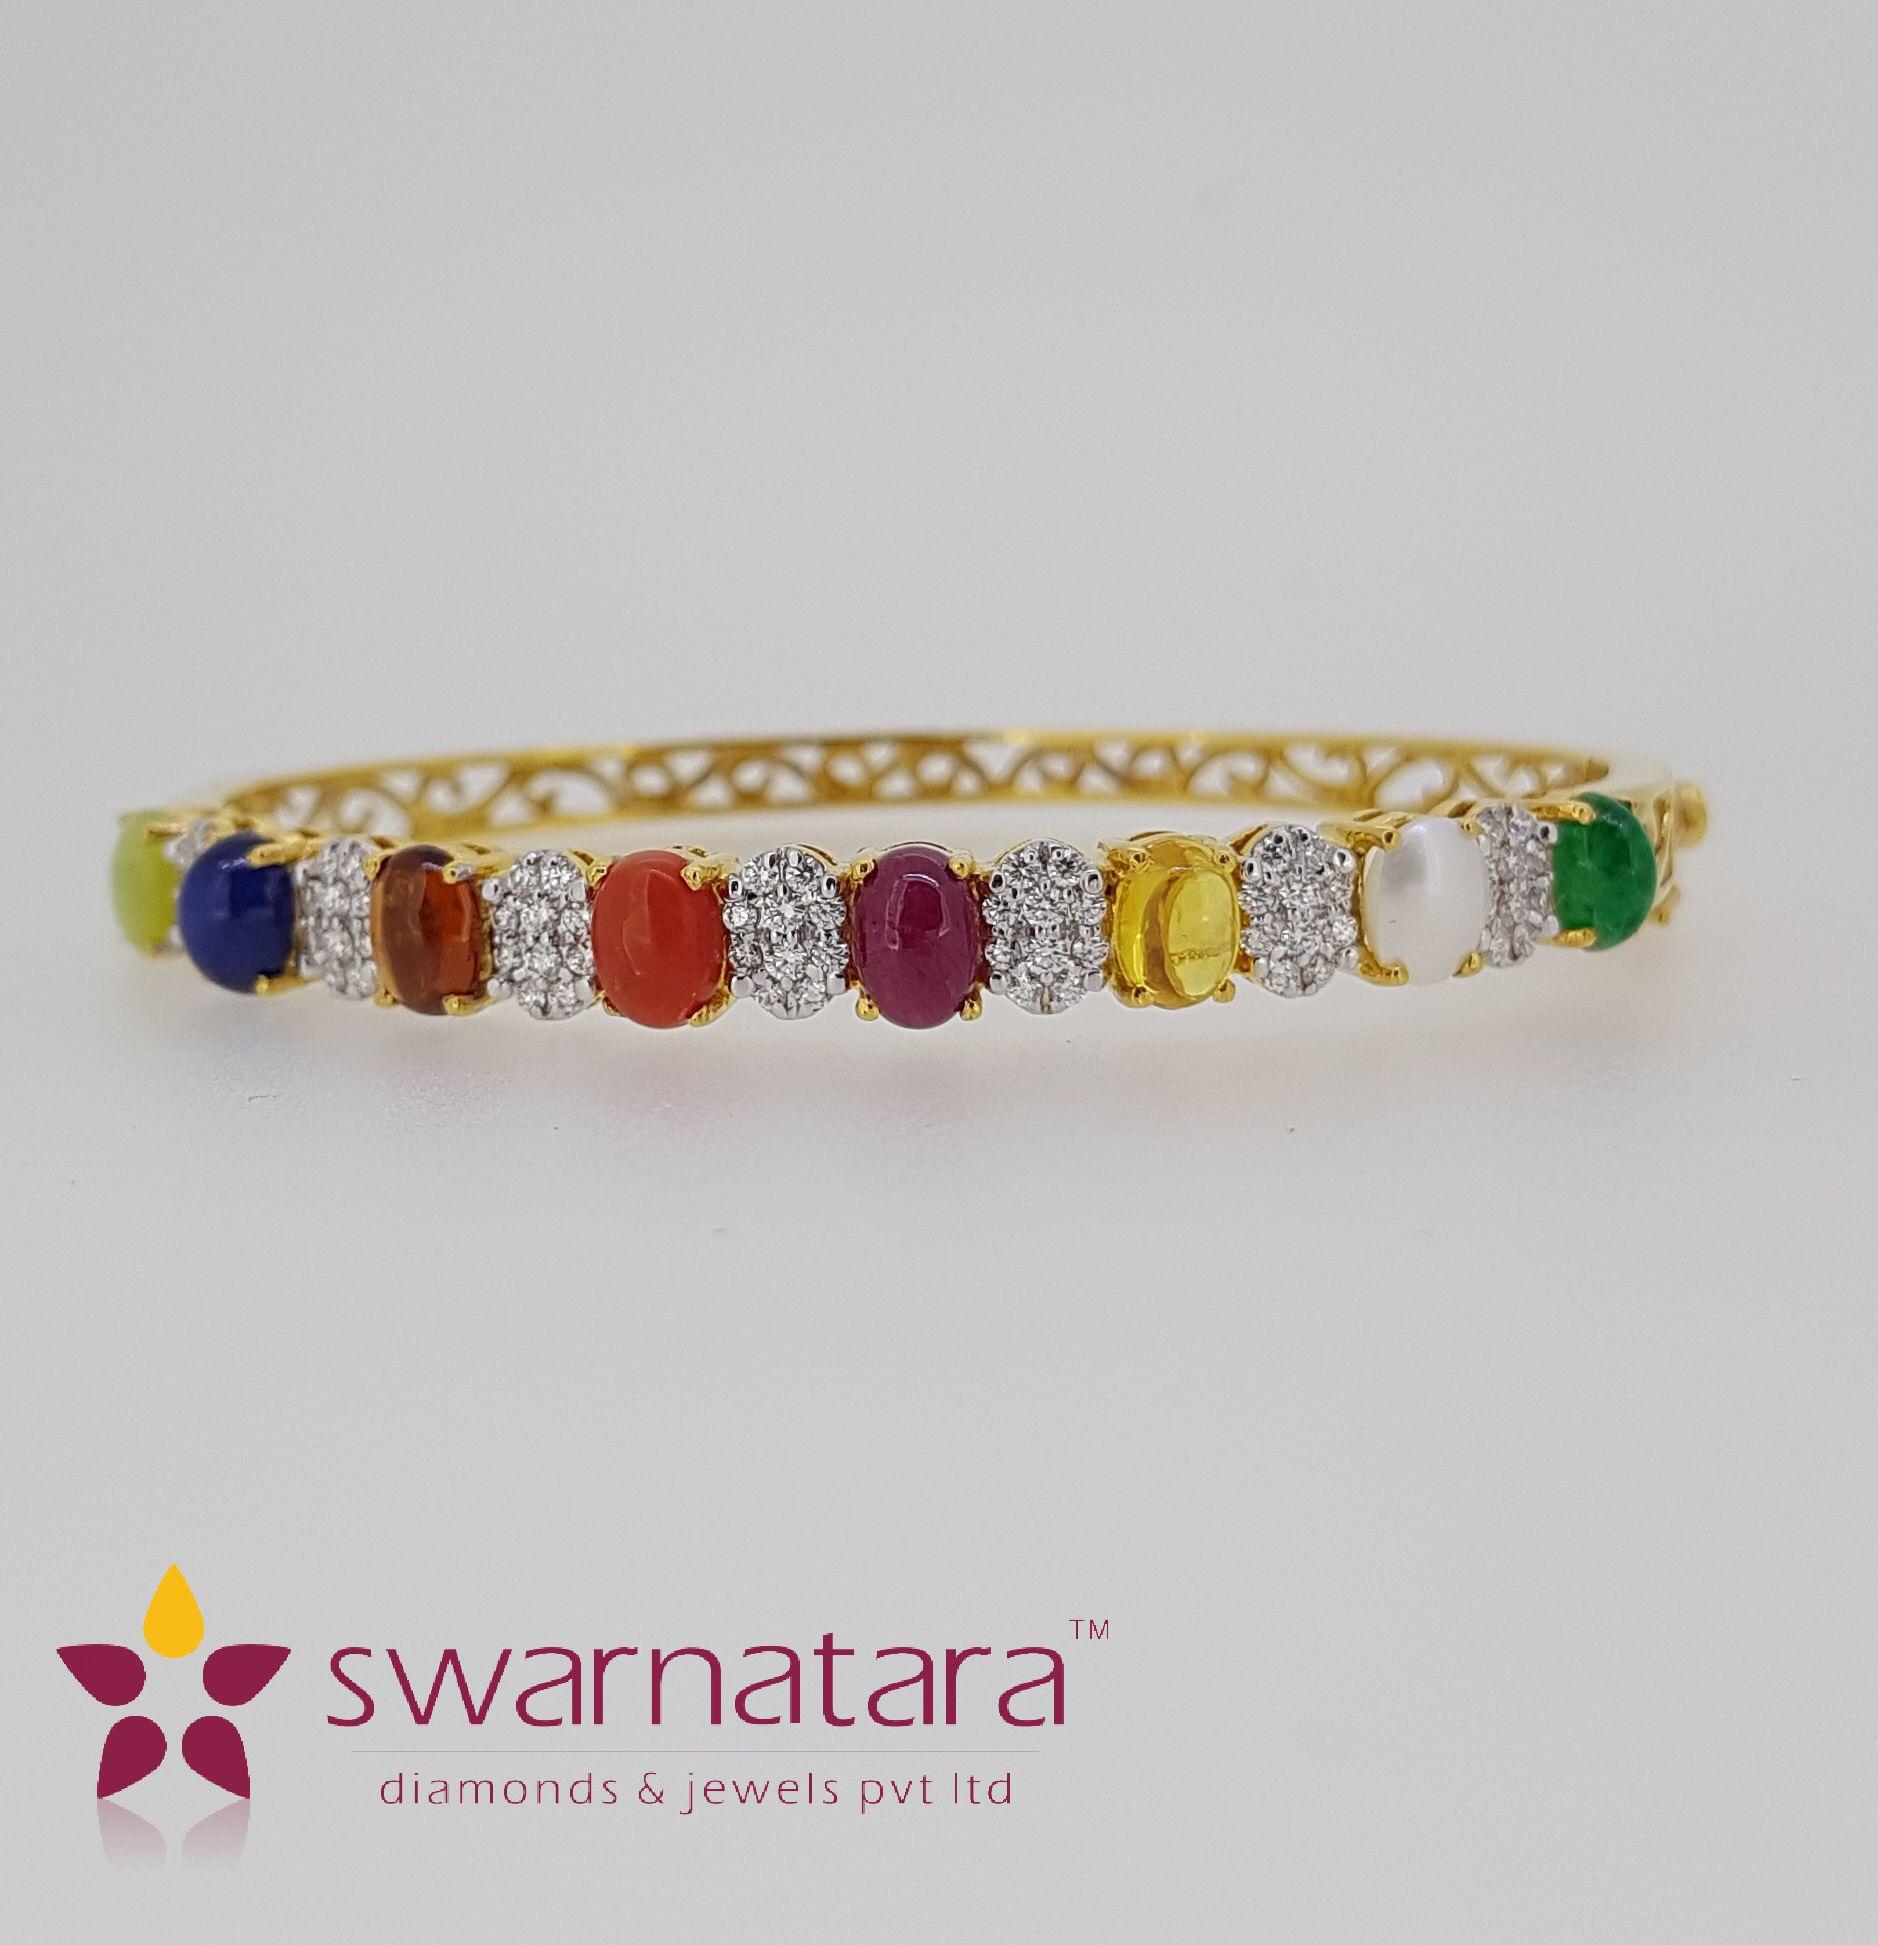 Swarnatara's Navarathna Bracelet